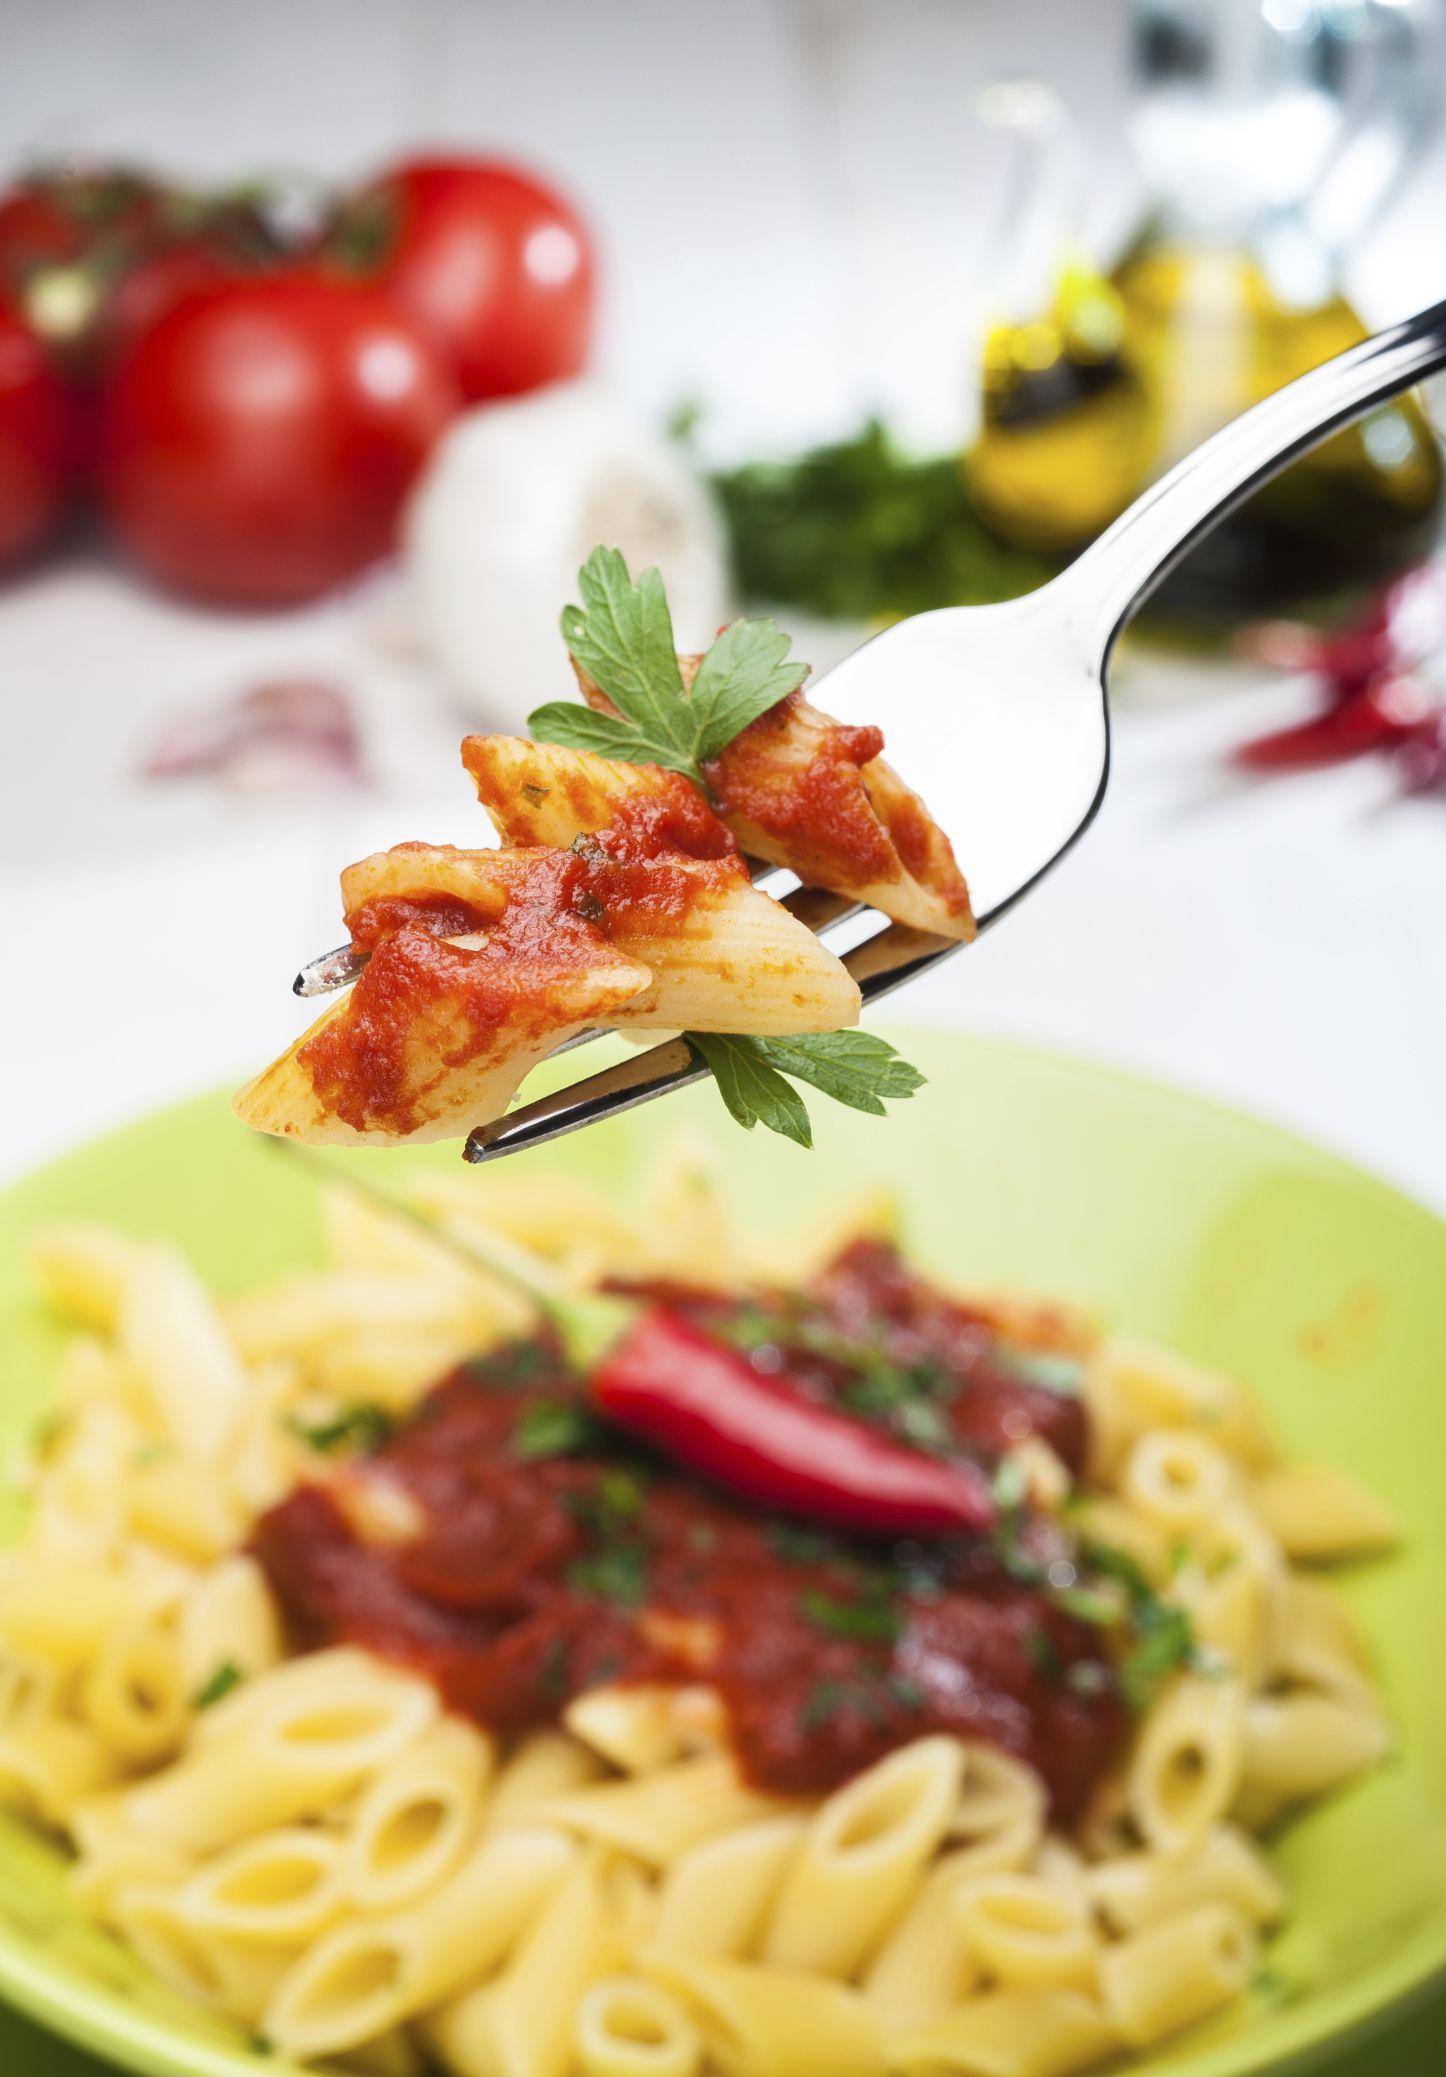 """Una de las formas típicas de preparar la pasta en Roma es """"all'arrabbiata"""" con ajos tomate y toques picantes de guindilla."""